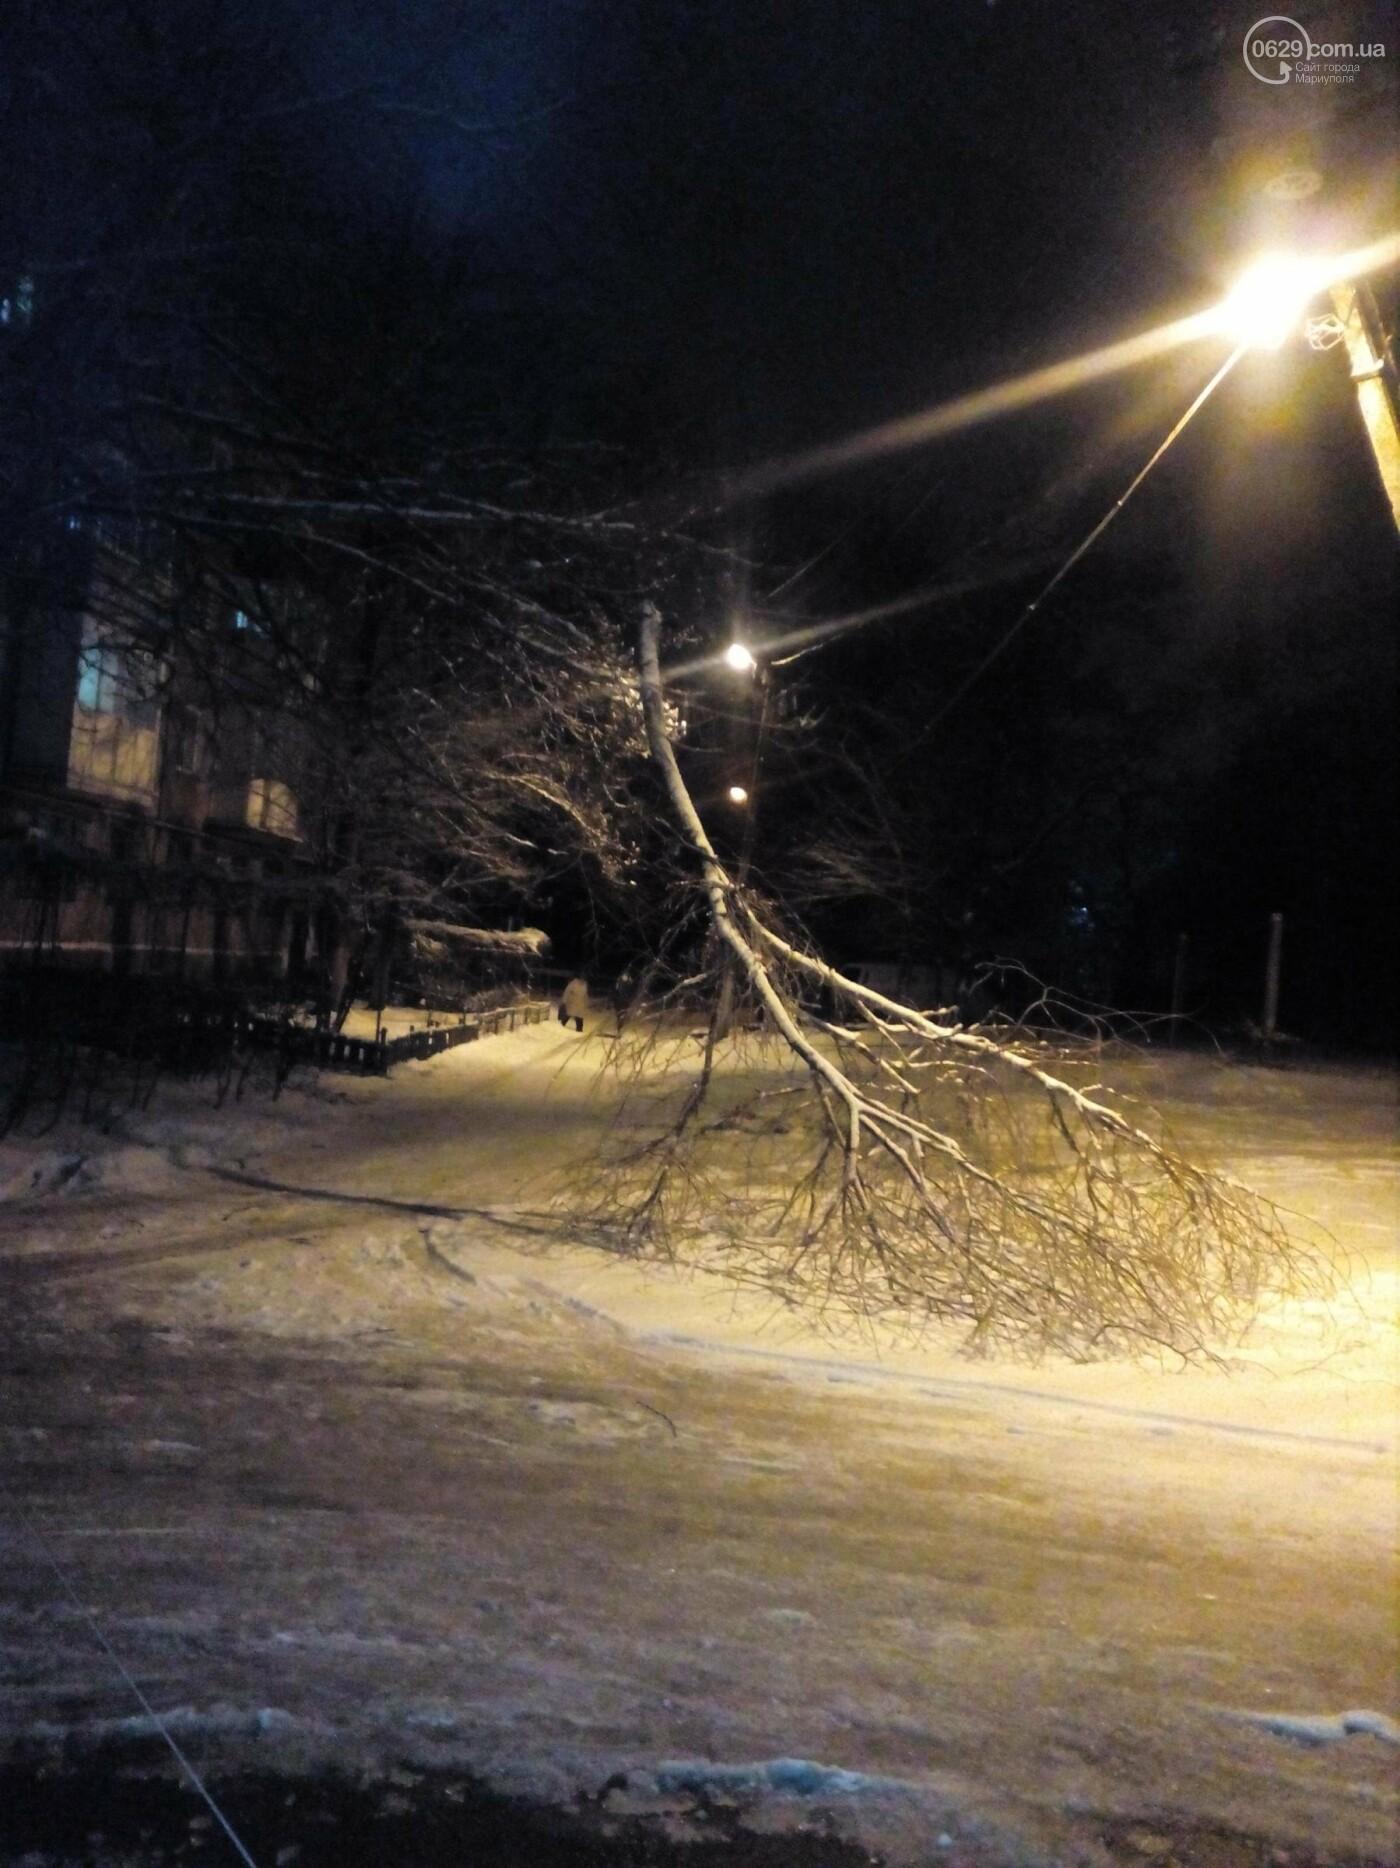 Мариупольцев напугали оборванные провода ЛЭП (ФОТО), фото-2